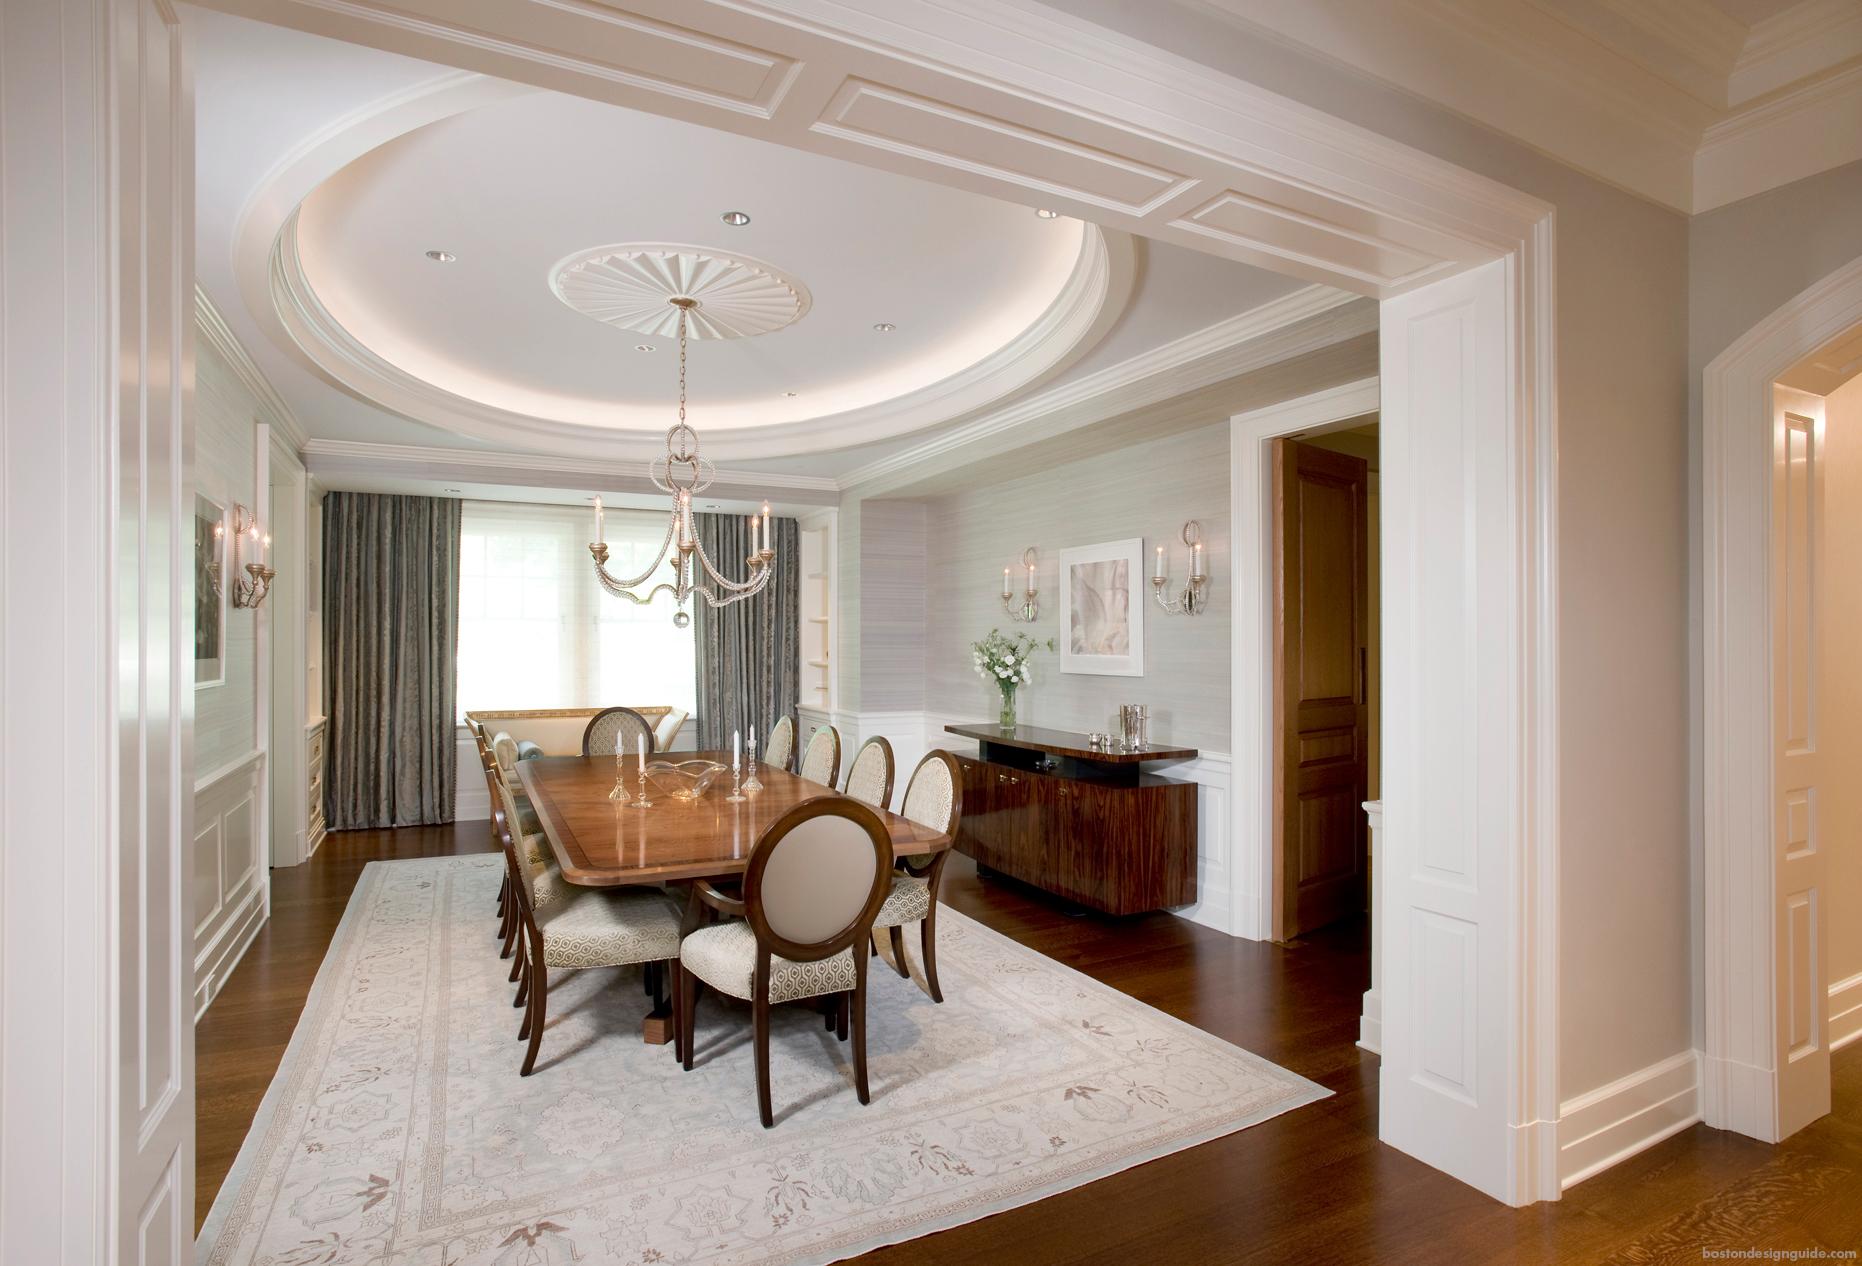 Susan shulman interiors for Award winning interior design websites